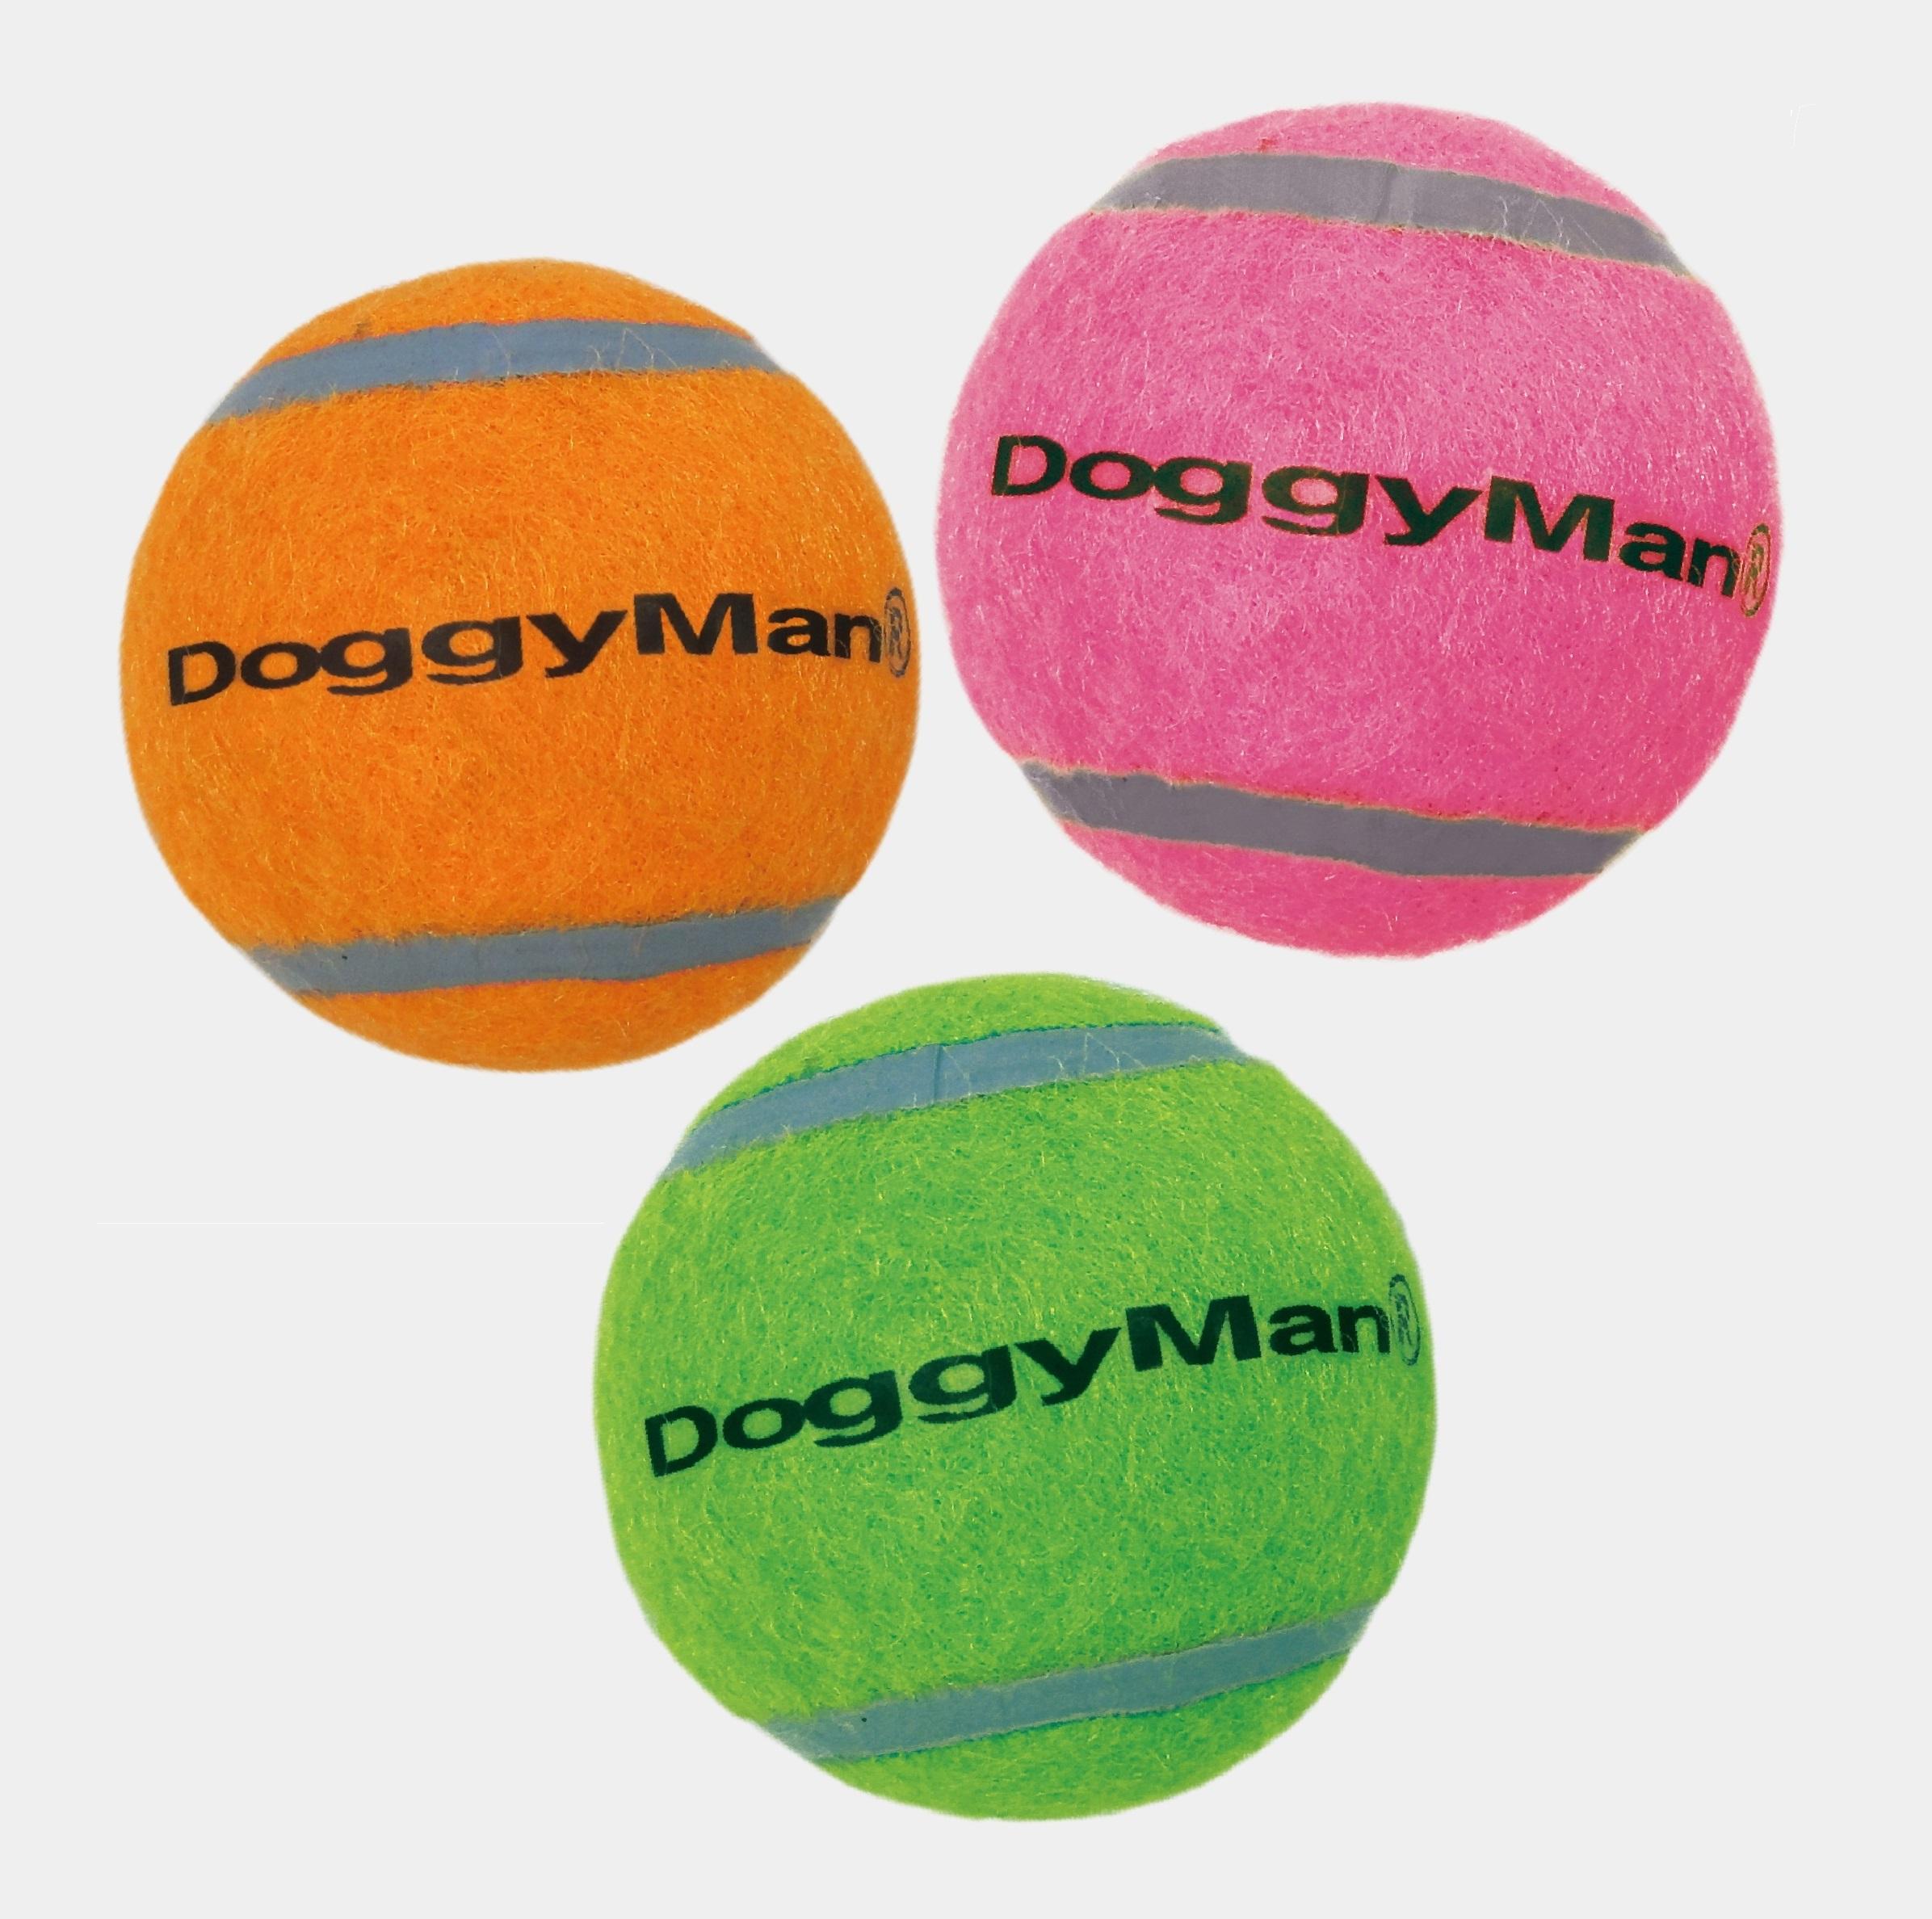 Đồ Chơi Banh | Bóng Tennis DoggyMan